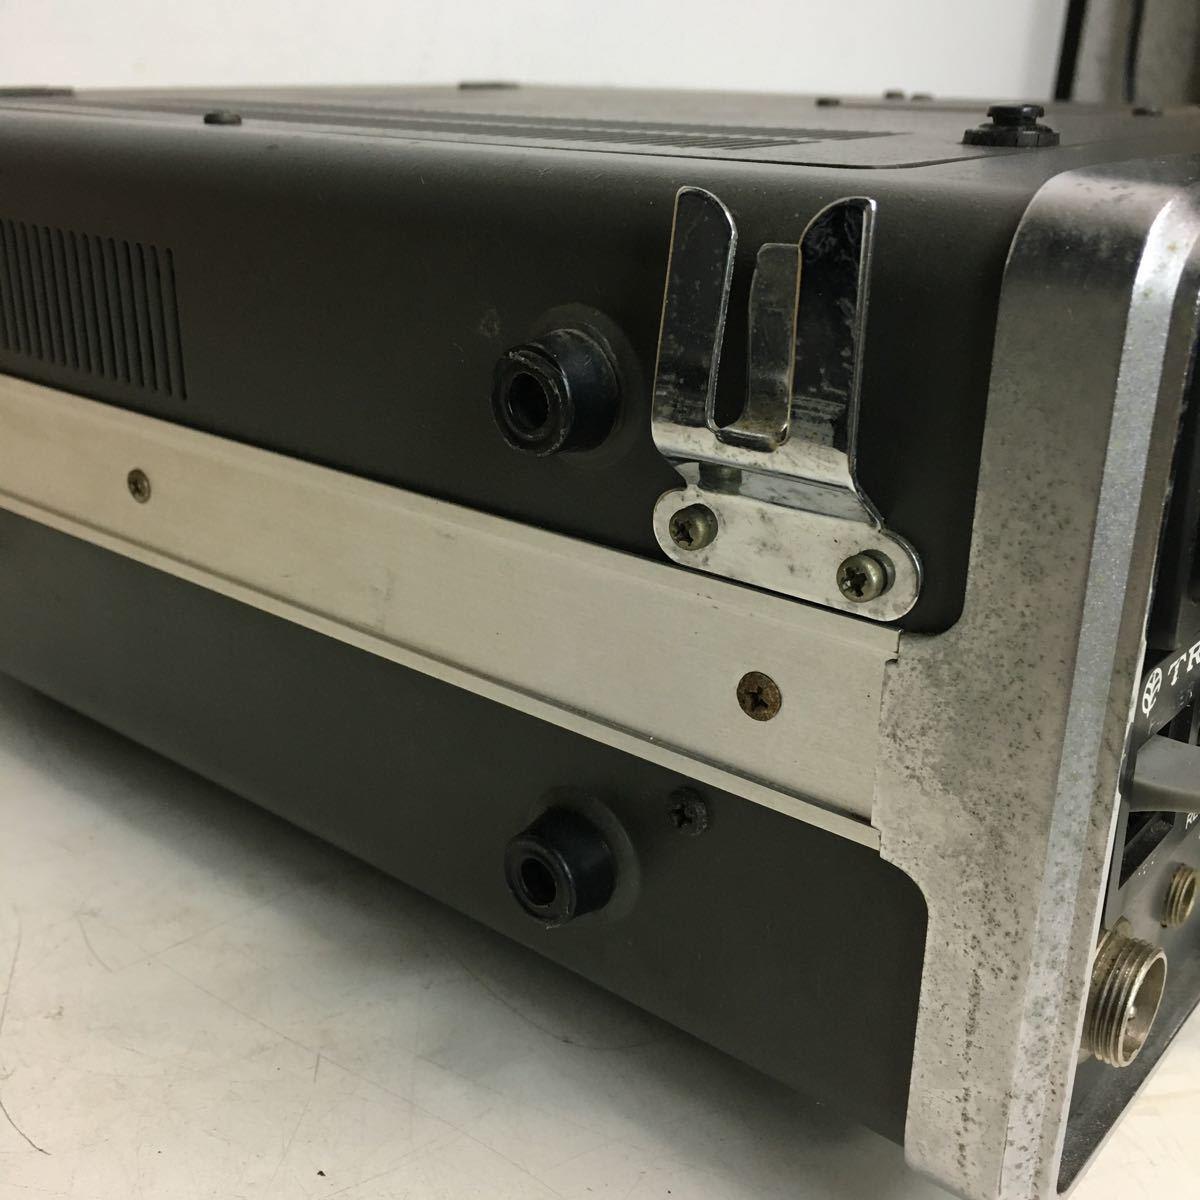 E066 TRIO トリオ TS-700 トランシーバー アマチュア無線機/本体のみ ジャンク品_画像9